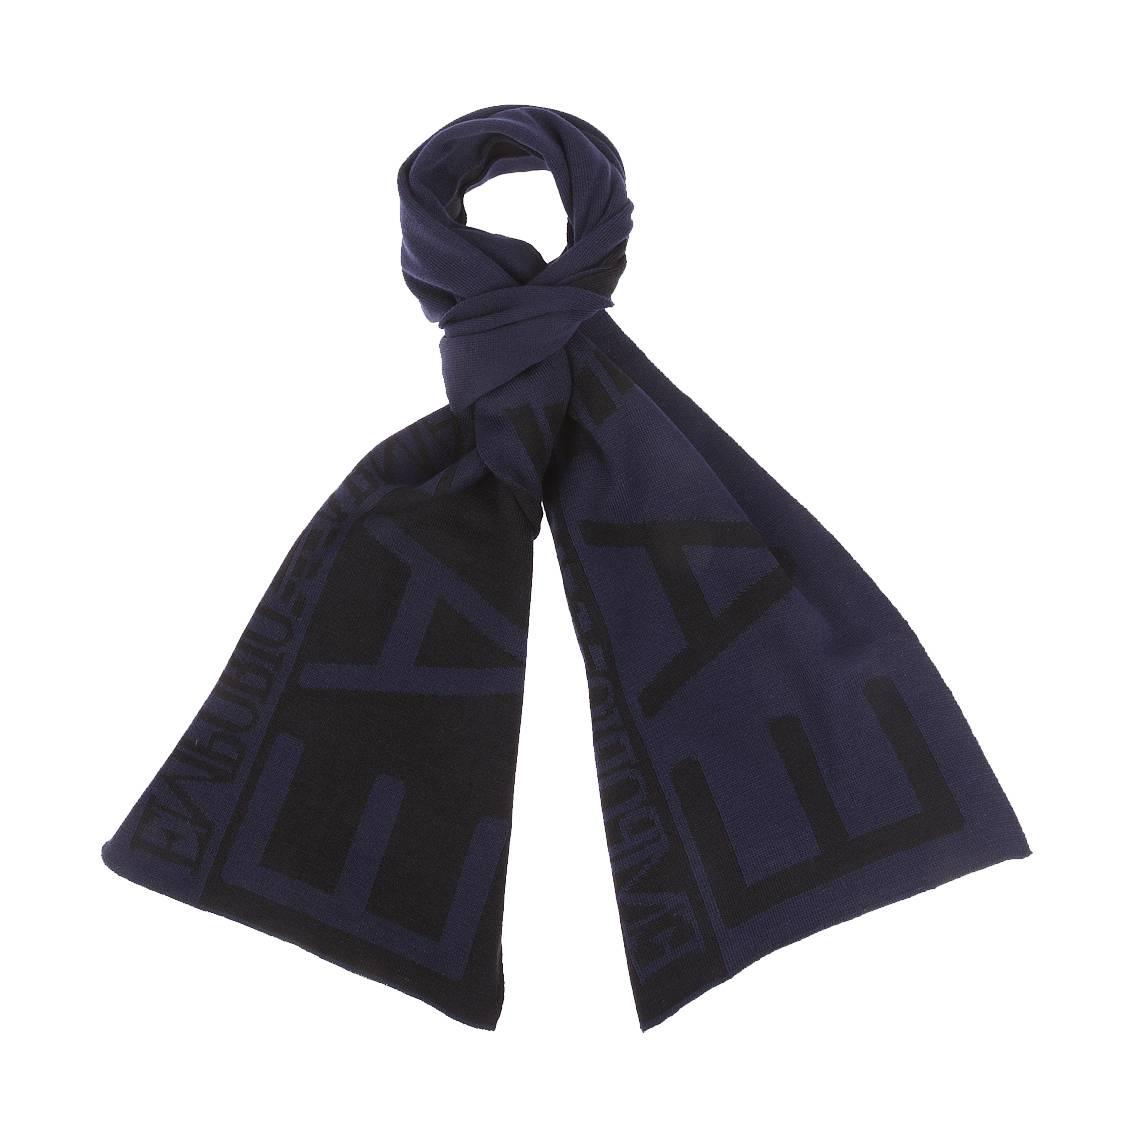 Echarpe  bleu nuit et noire, monogrammée